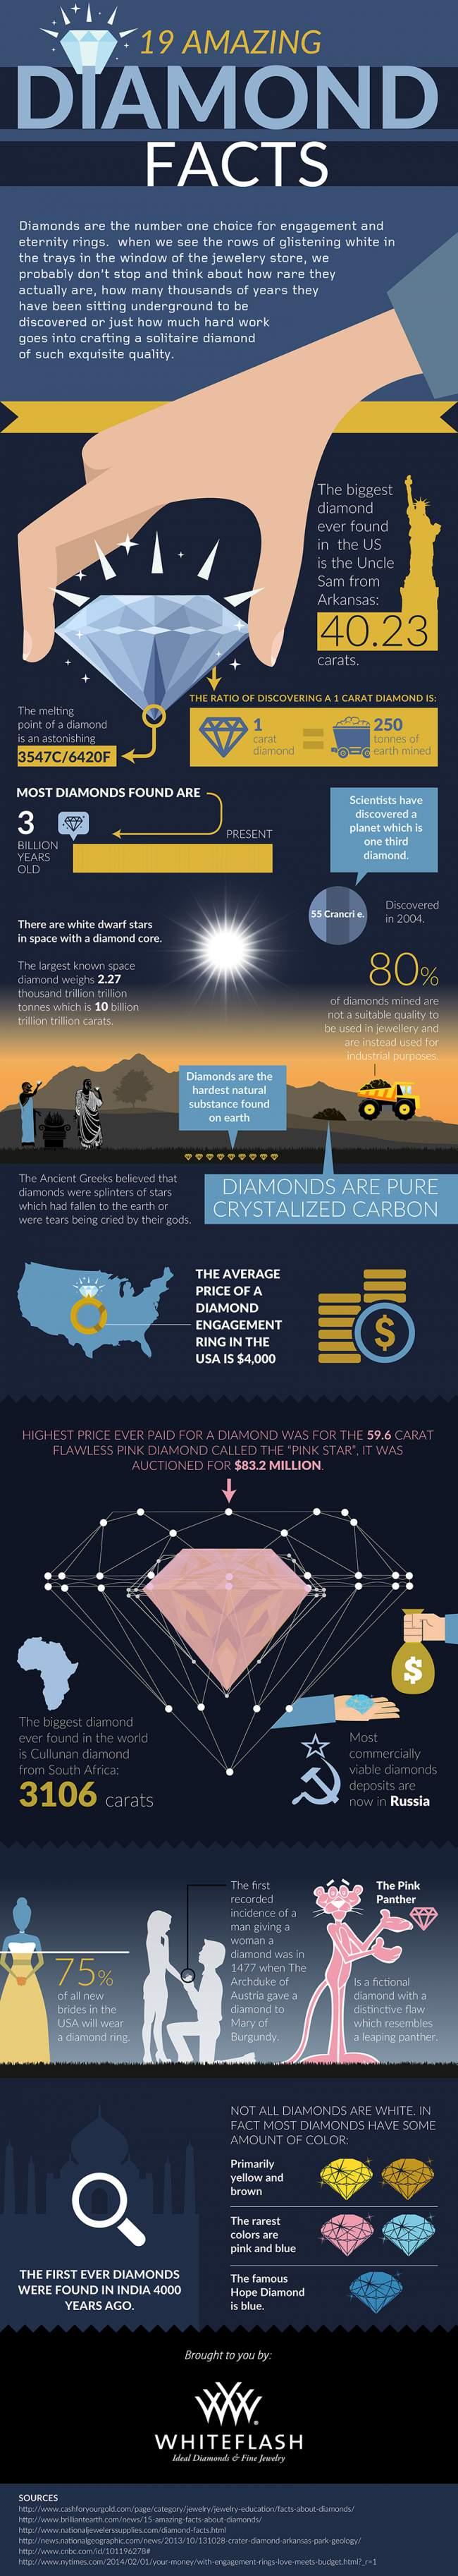 Amazing-Diamond-Facts.jpg